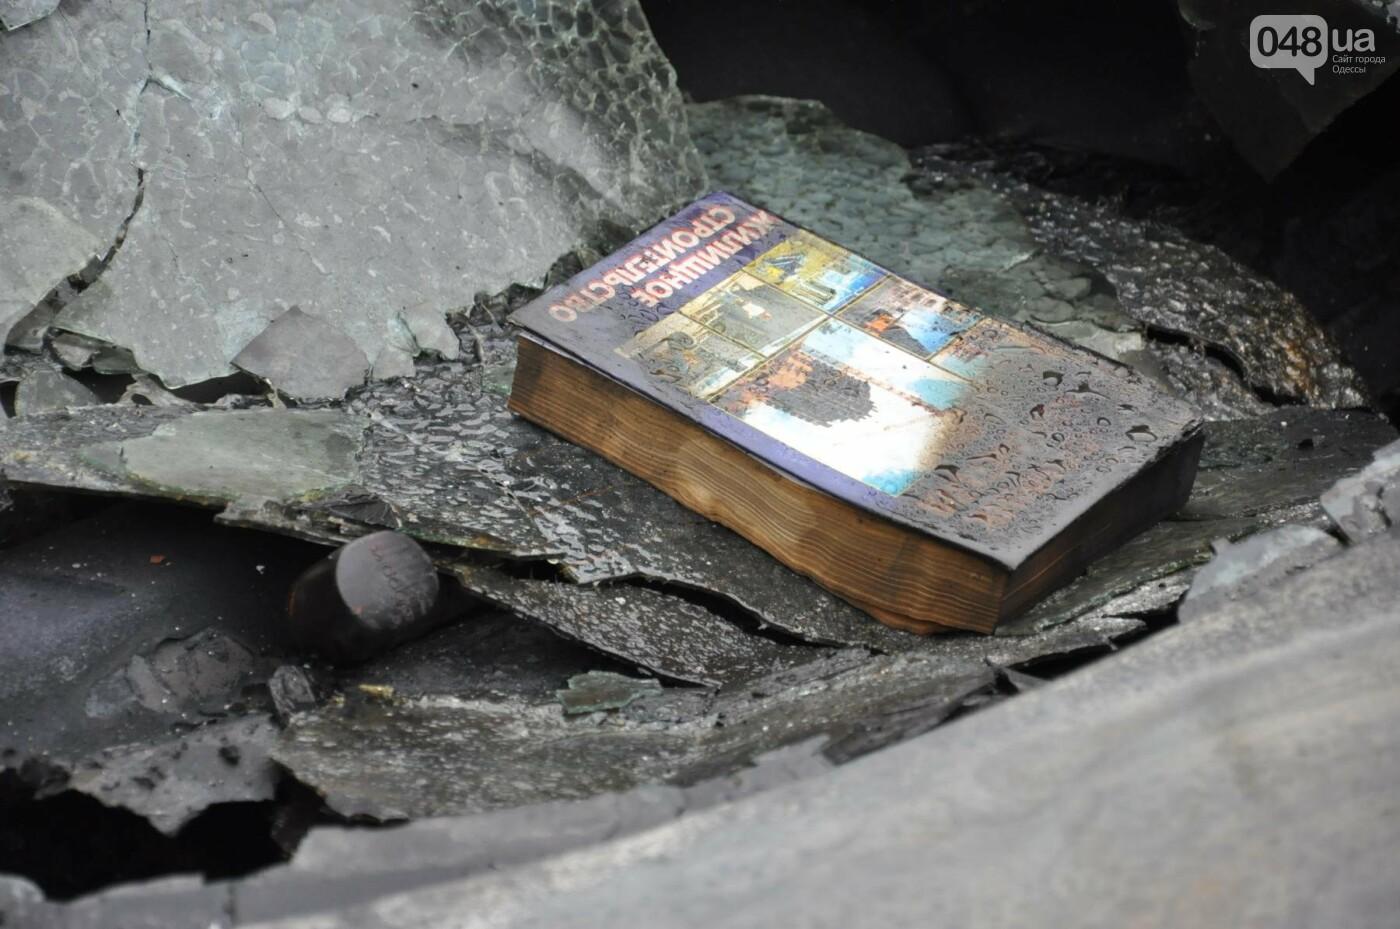 Последствия пожара на Рекордной в Одессе (ФОТО), фото-8